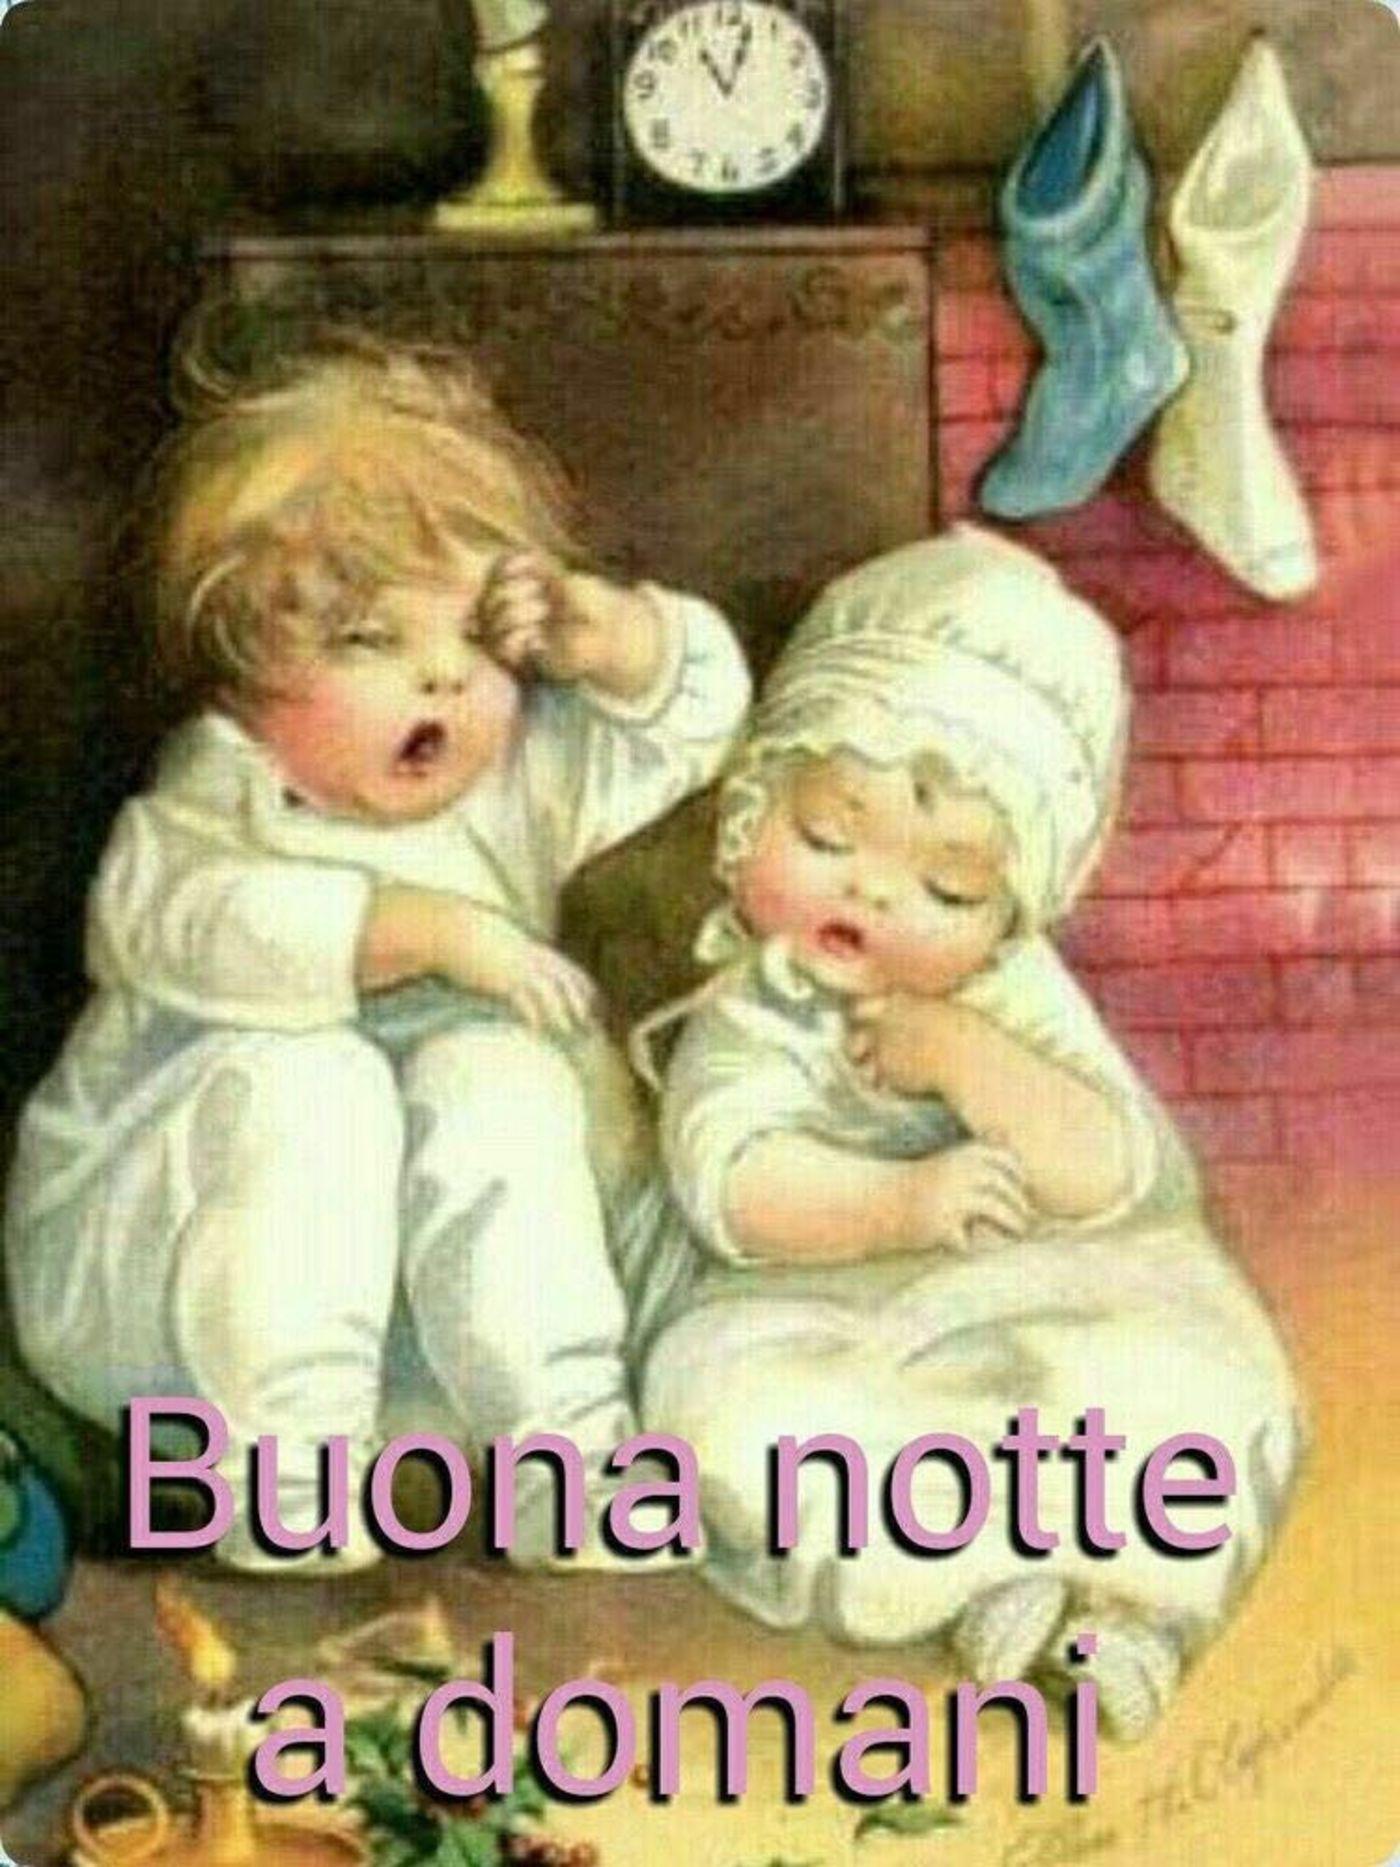 Buonanotte Coi Bambini 4 Buongiornissimocaffe It